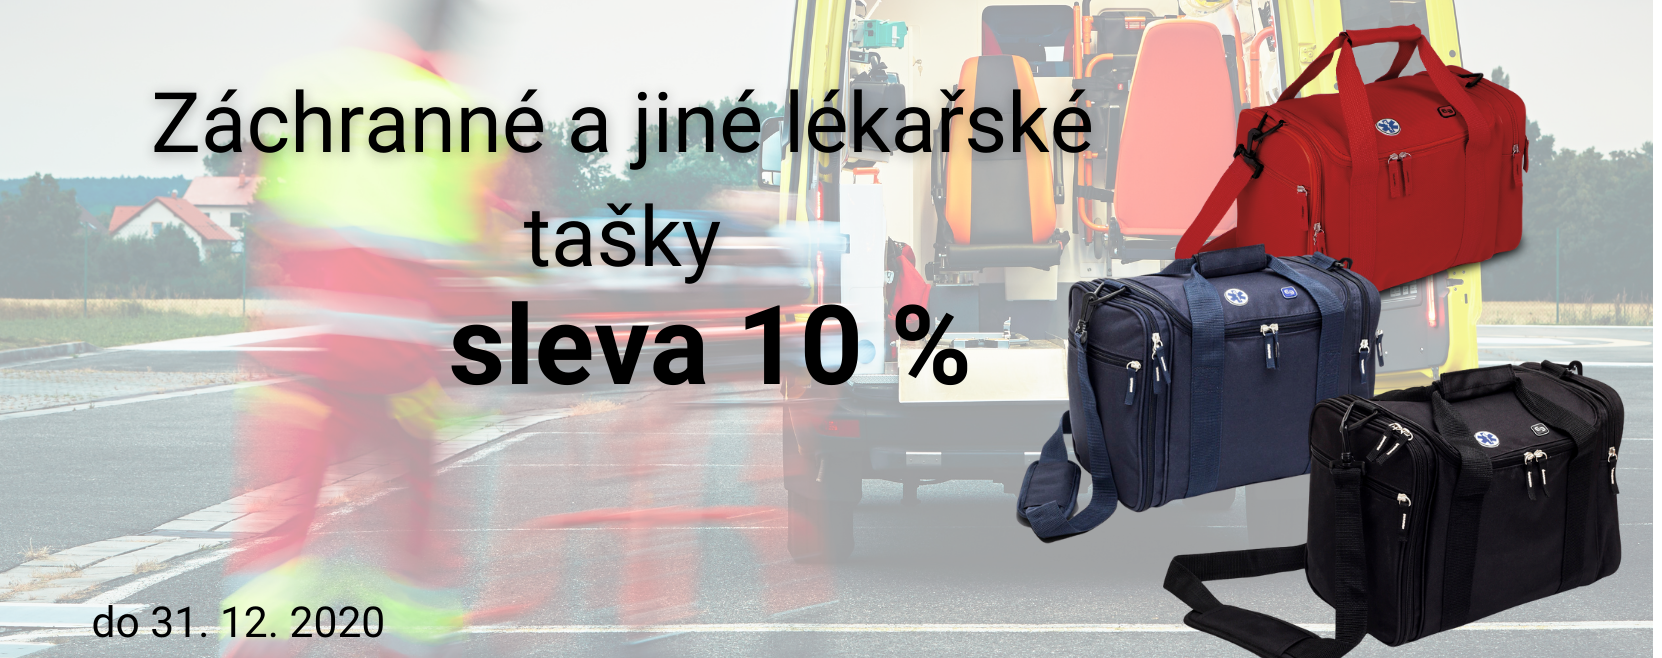 Záchranné a lékařské tašky se slevou 10%